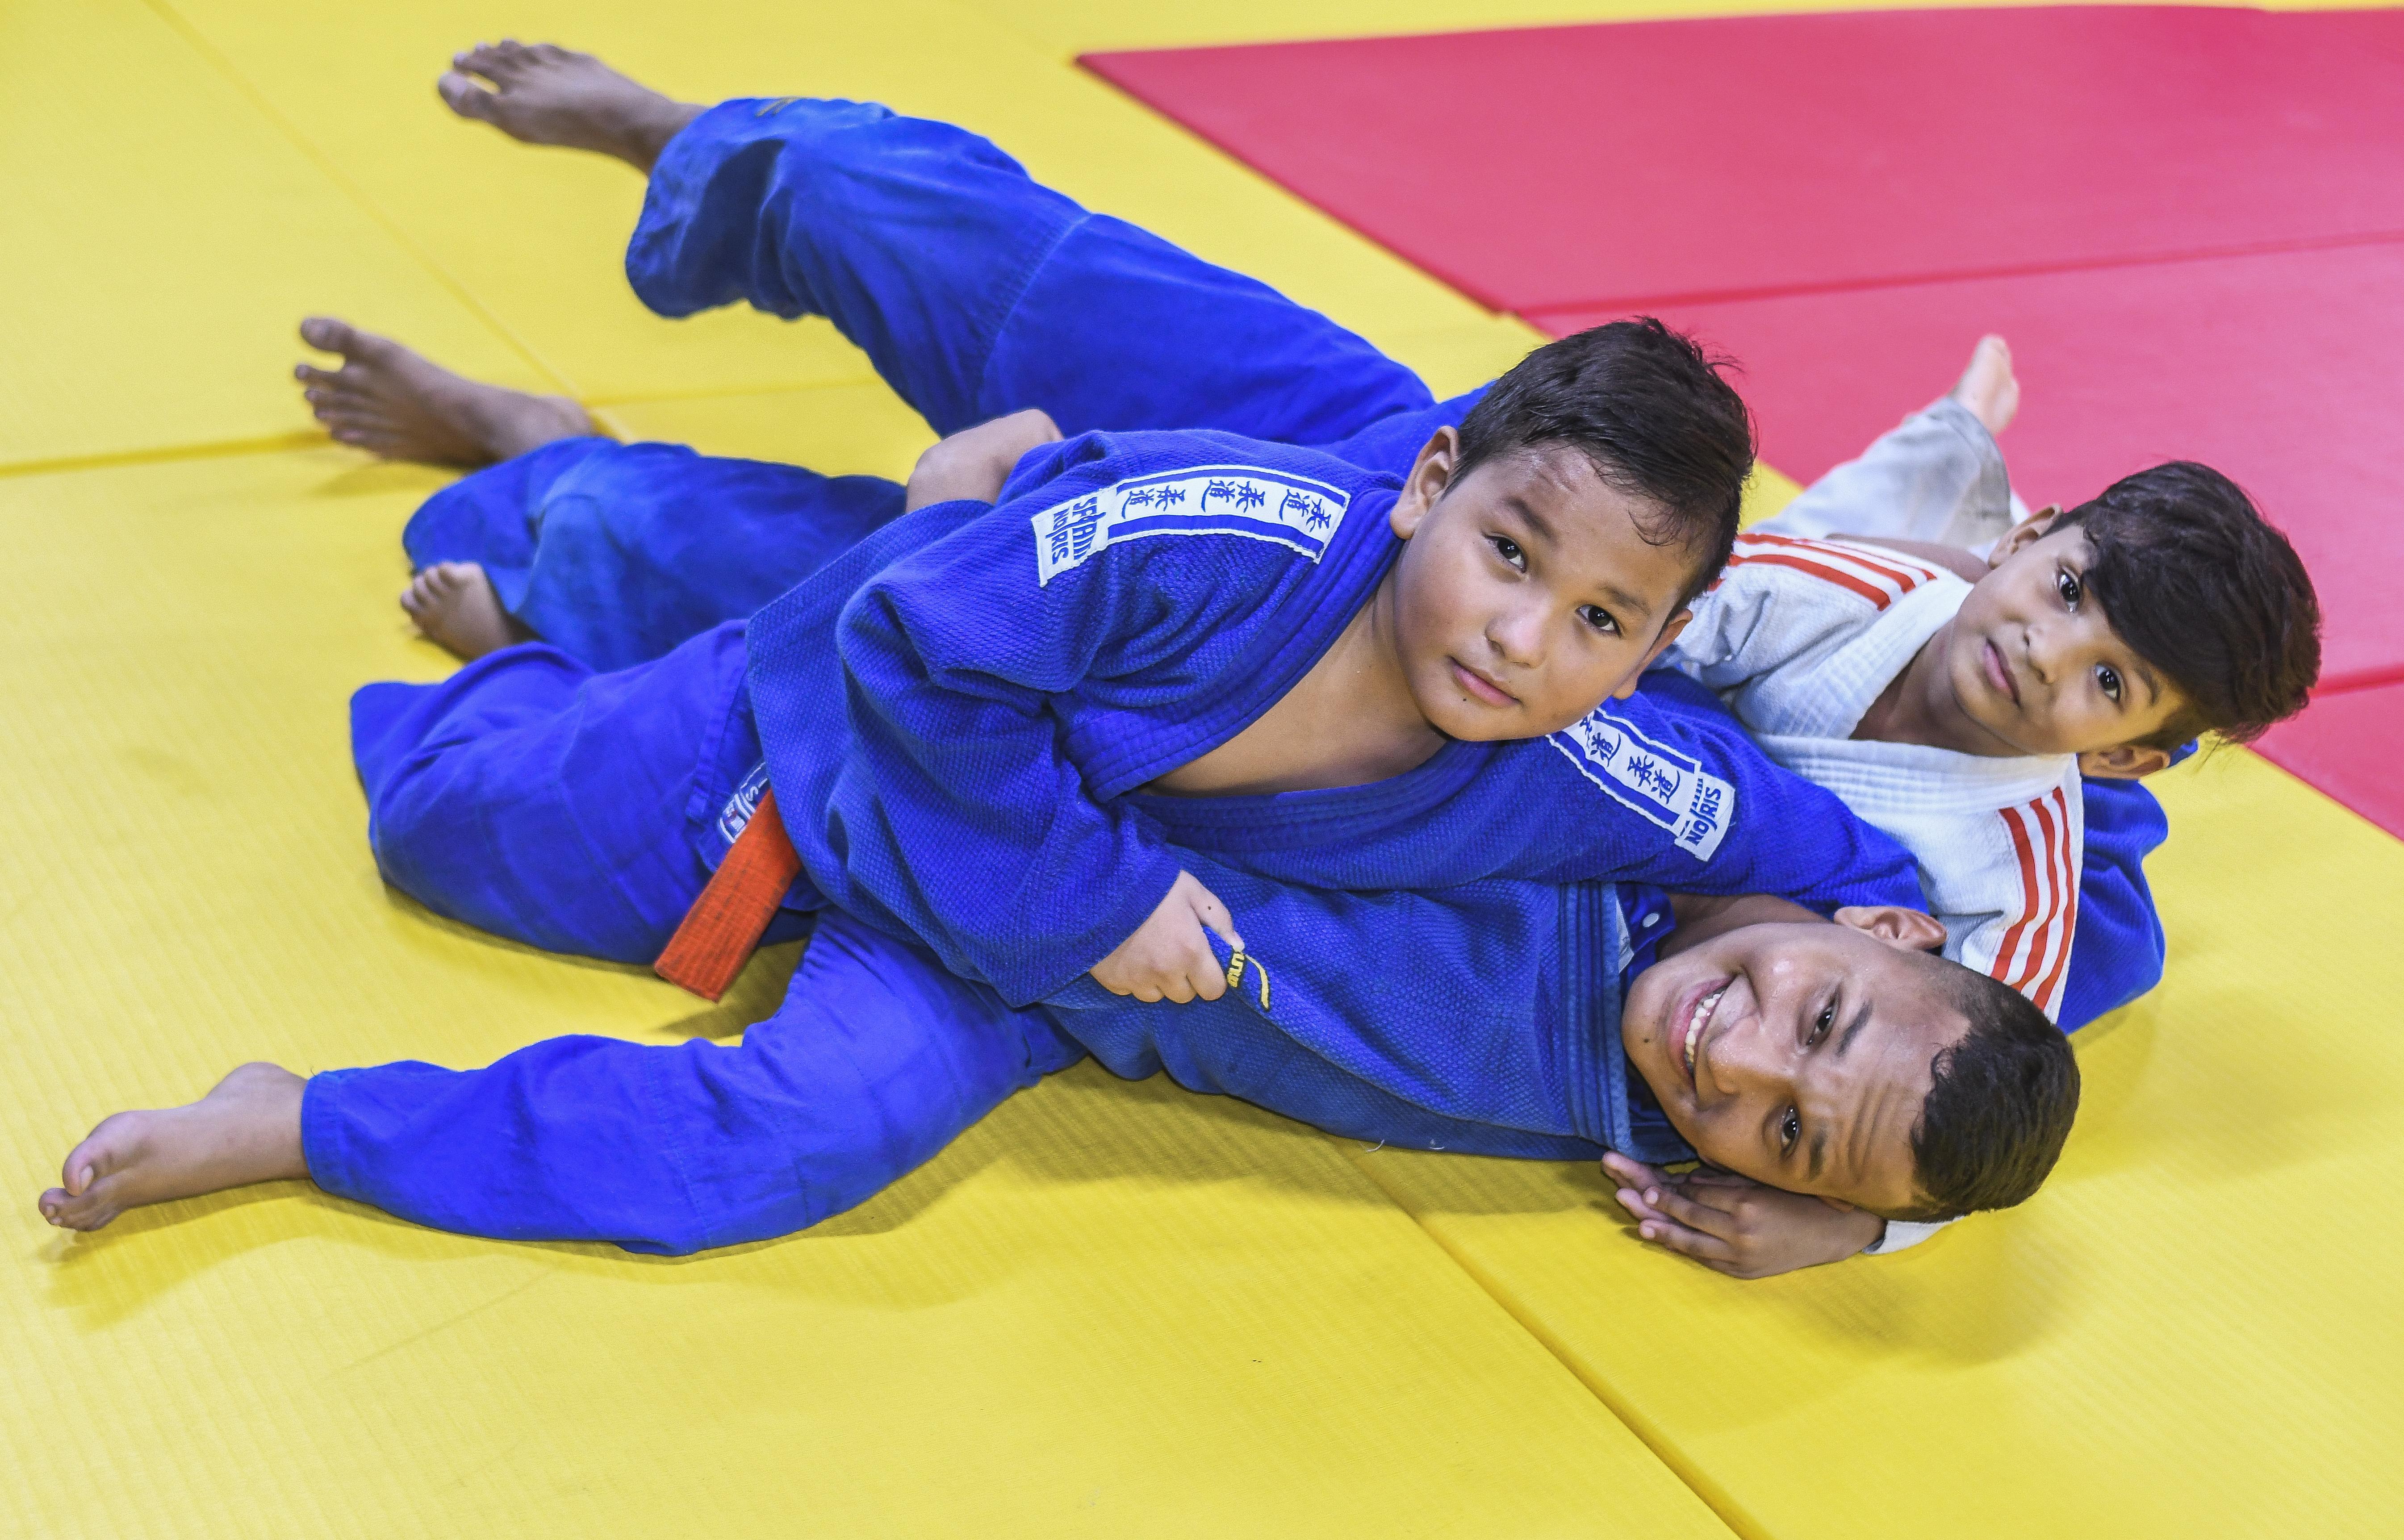 Los hermanos Ruiz Guerrero disfrutan en el tatami.